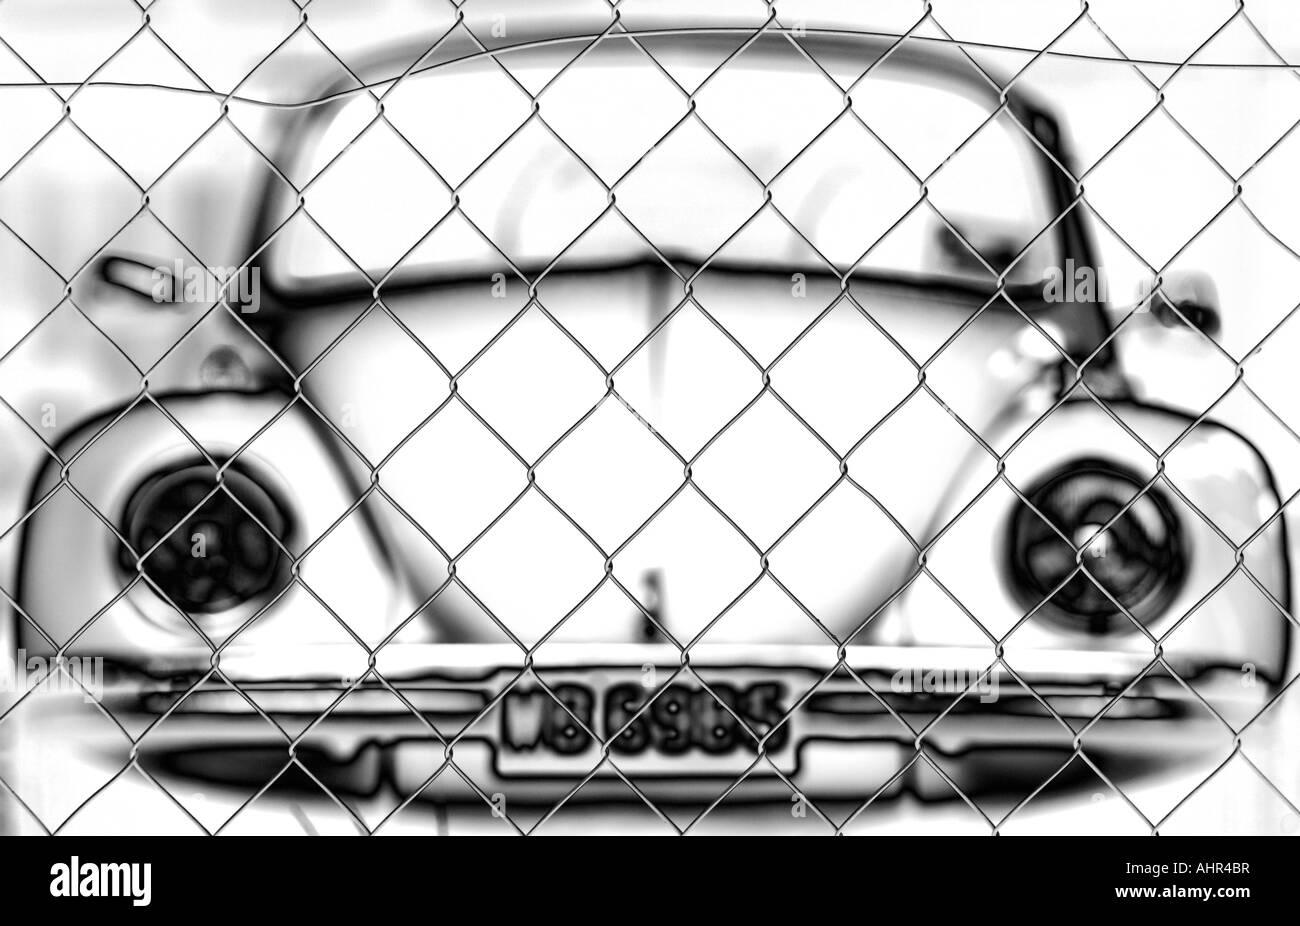 Volkswagen VW beetle - Stock Image